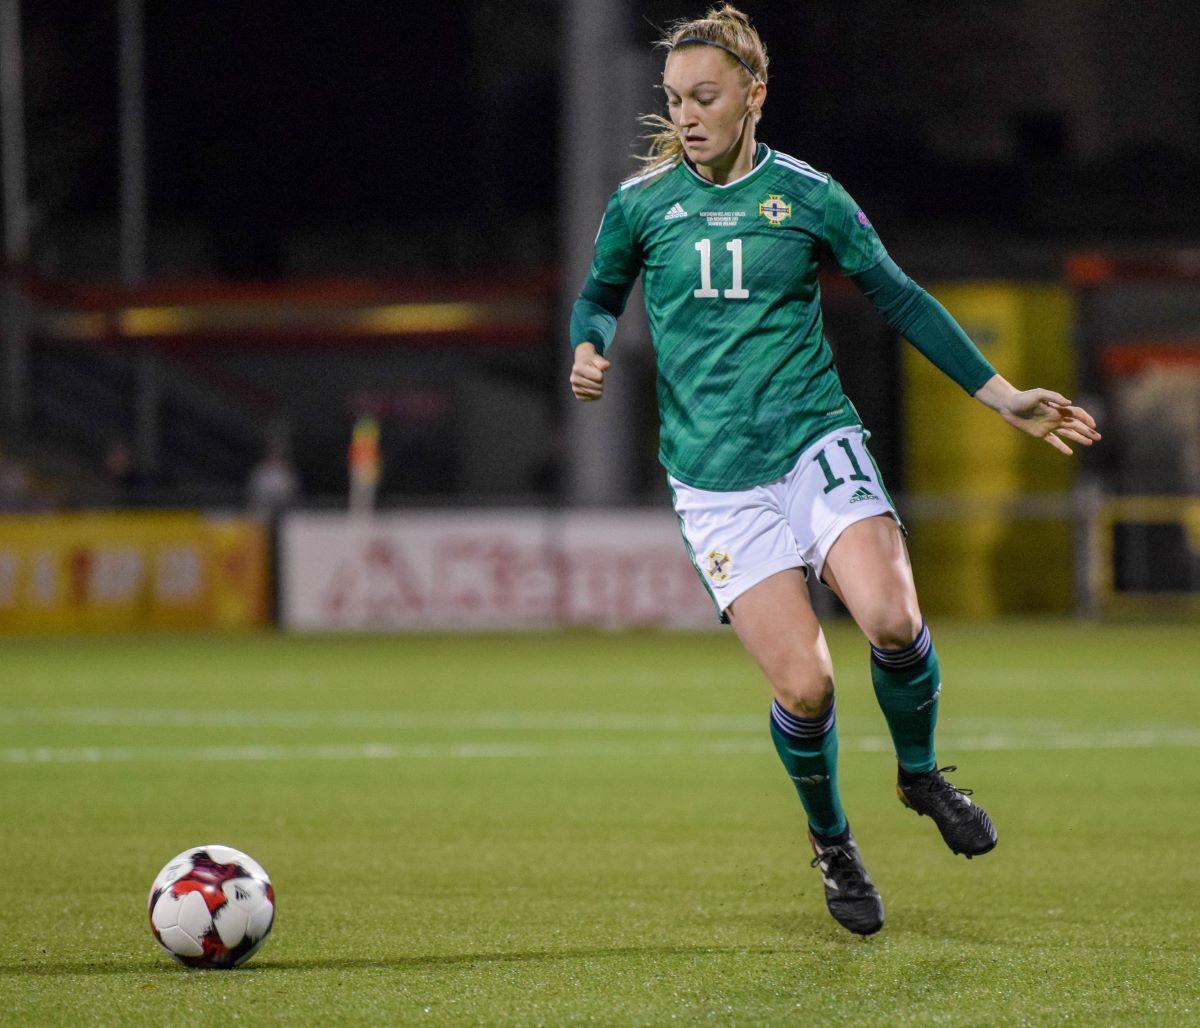 Northern Ireland's Lauren Wade